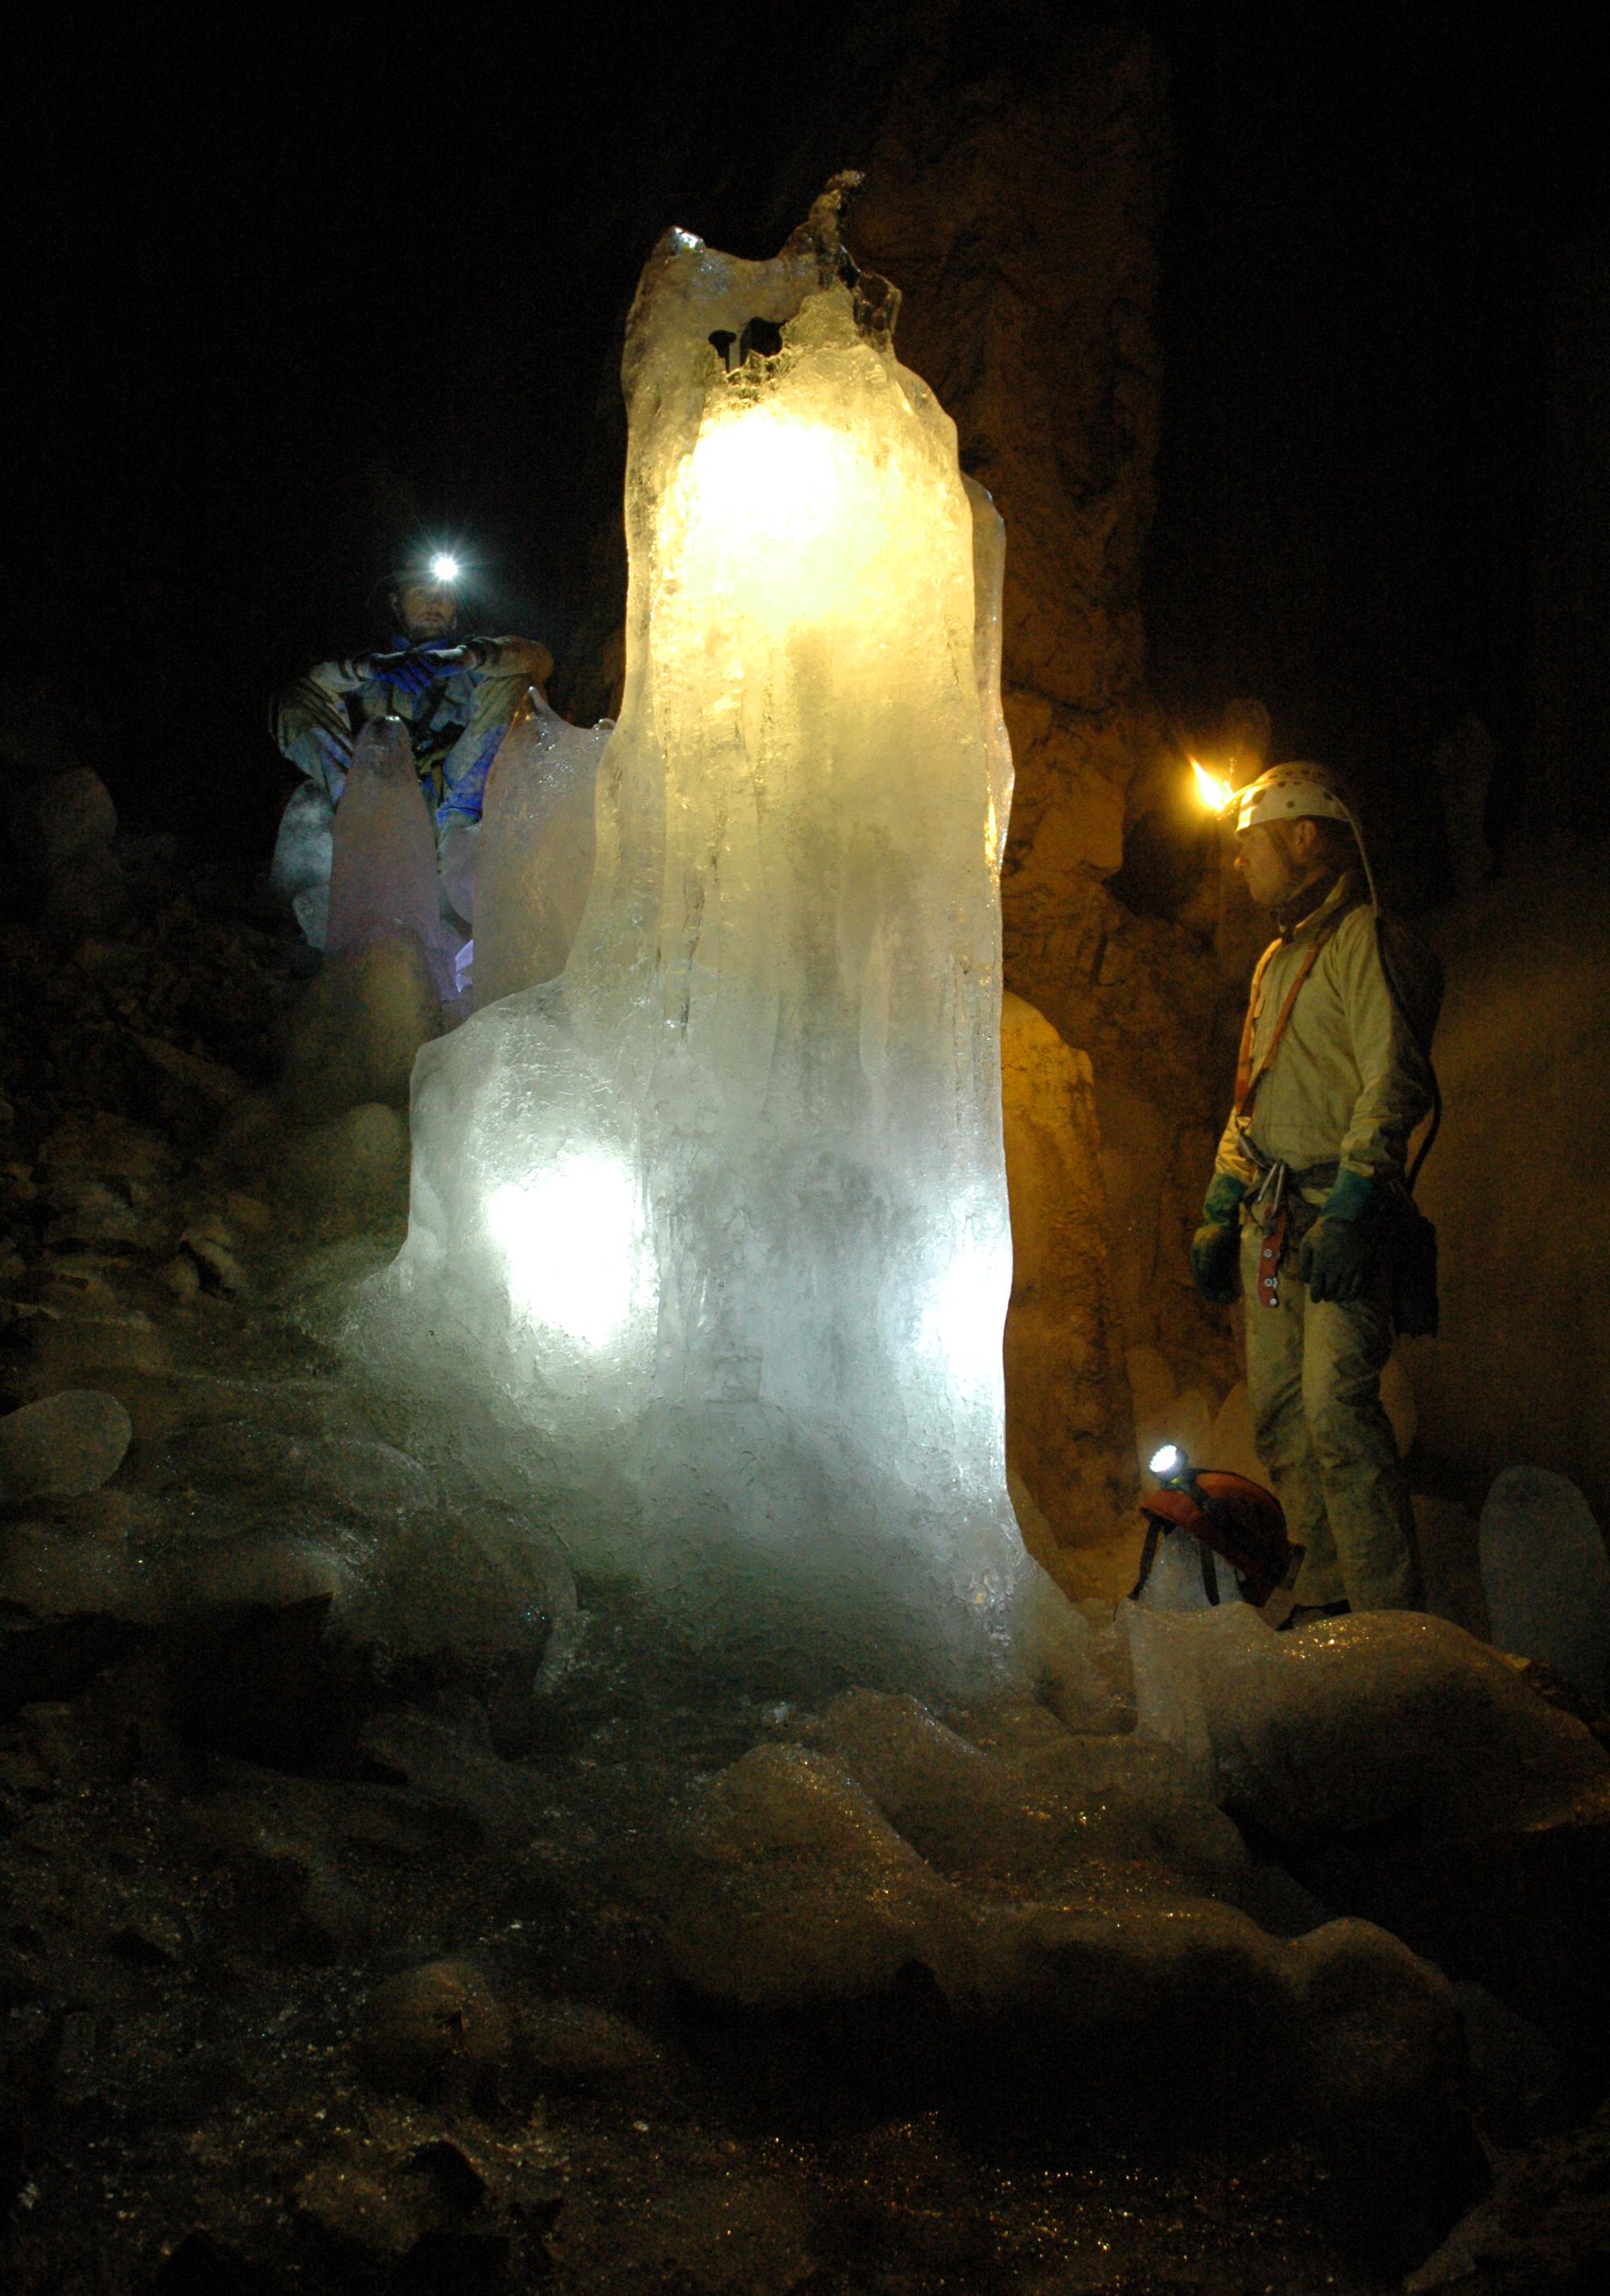 Prokletije jaskinia Lodowa_3 Mariusz Woźniak